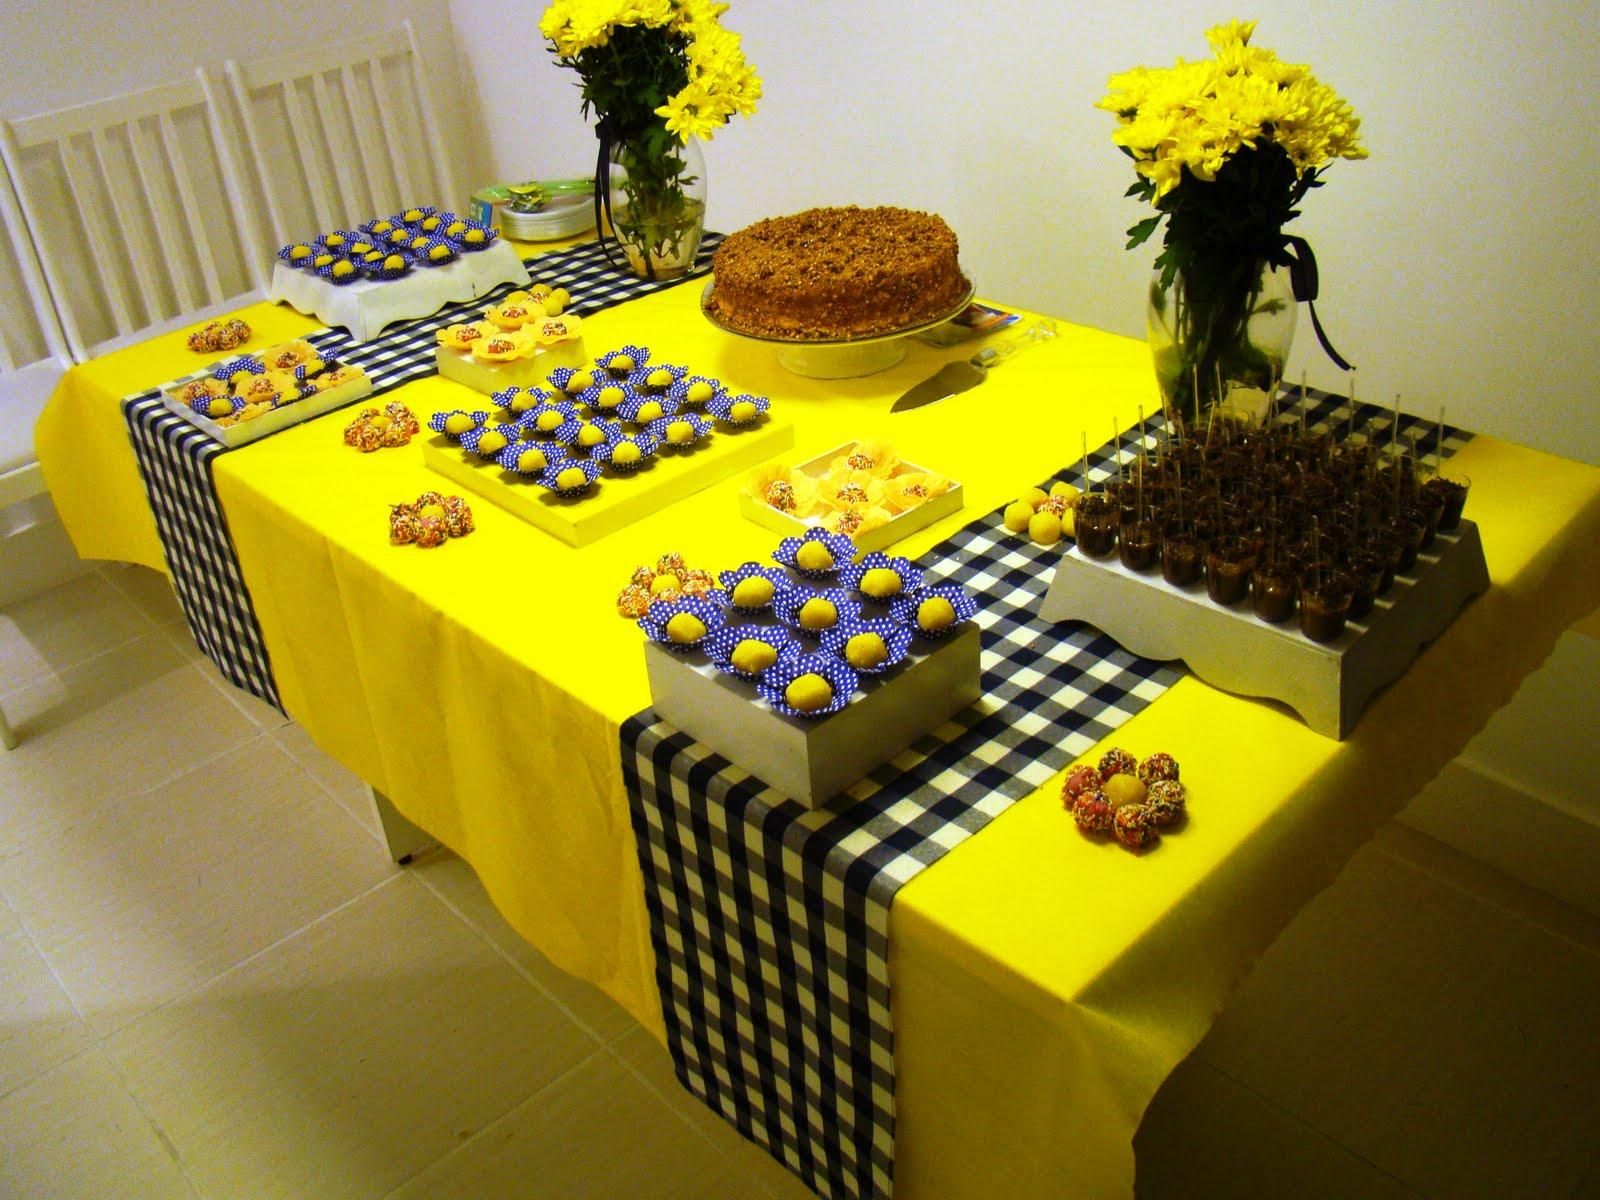 decoracao festa infantil azul e amarelo : decoracao festa infantil azul e amarelo:TNT amarelo para a toalha da mesa e 1 faixas de tecido de xadrez azul